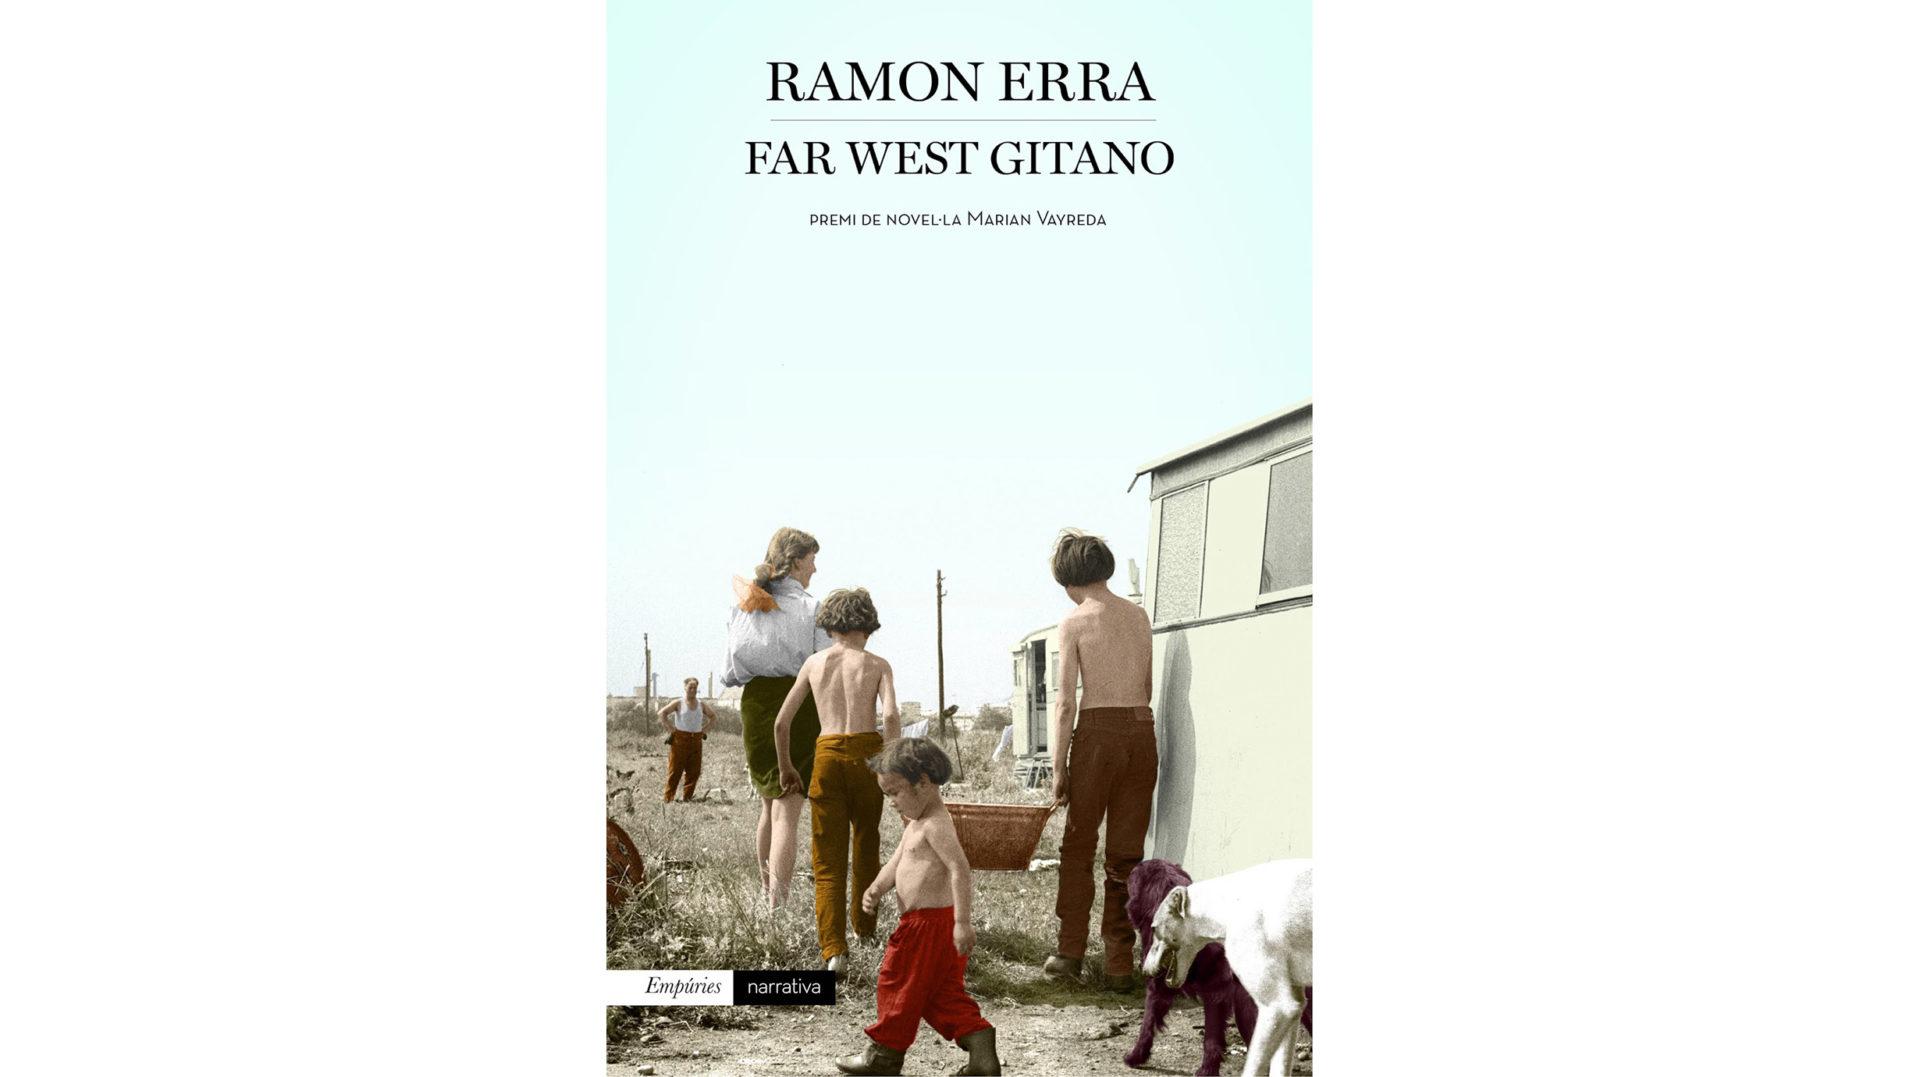 Club de lectura d'adults: Far West gitano